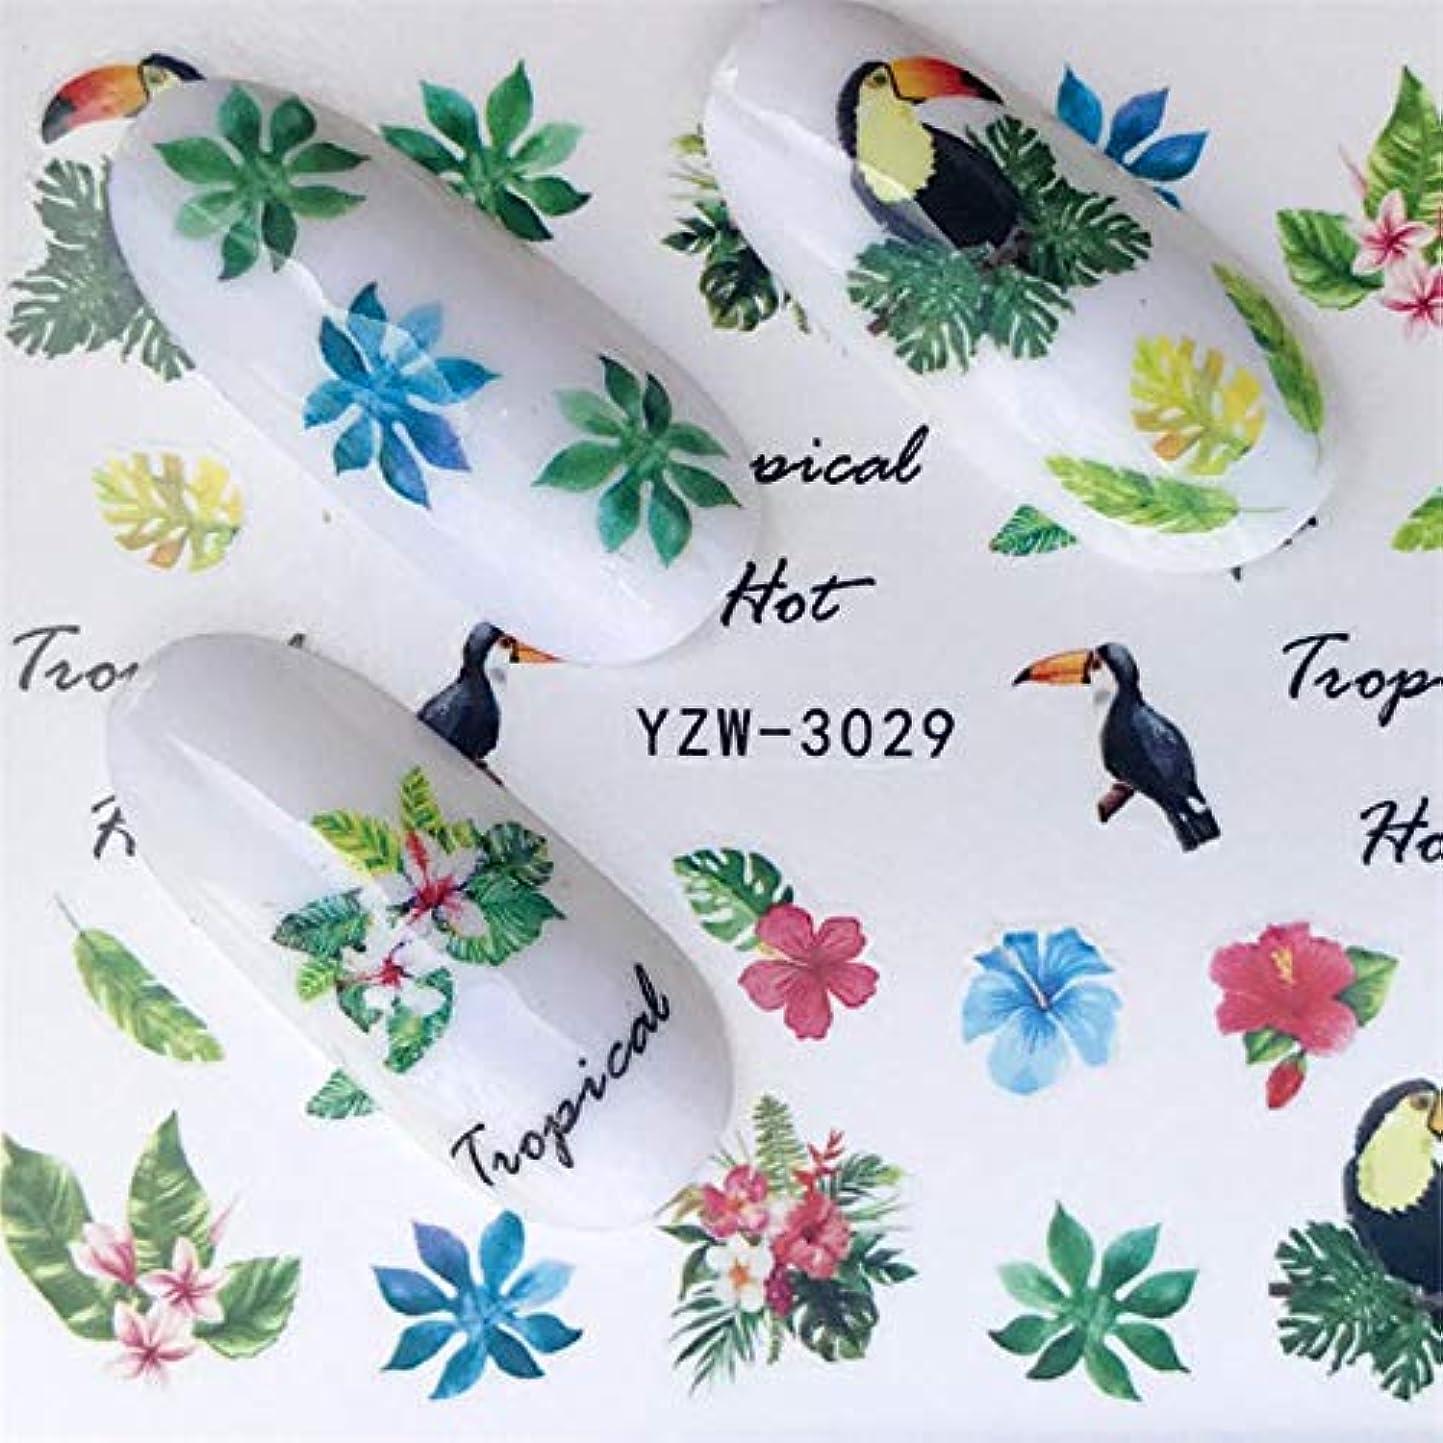 ふける再撮り橋脚SUKTI&XIAO ネイルステッカー タンポポの透かしの釘のステッカーの花の漫画の飲み物の釘の芸術の装飾の付属品、Yzw-3029